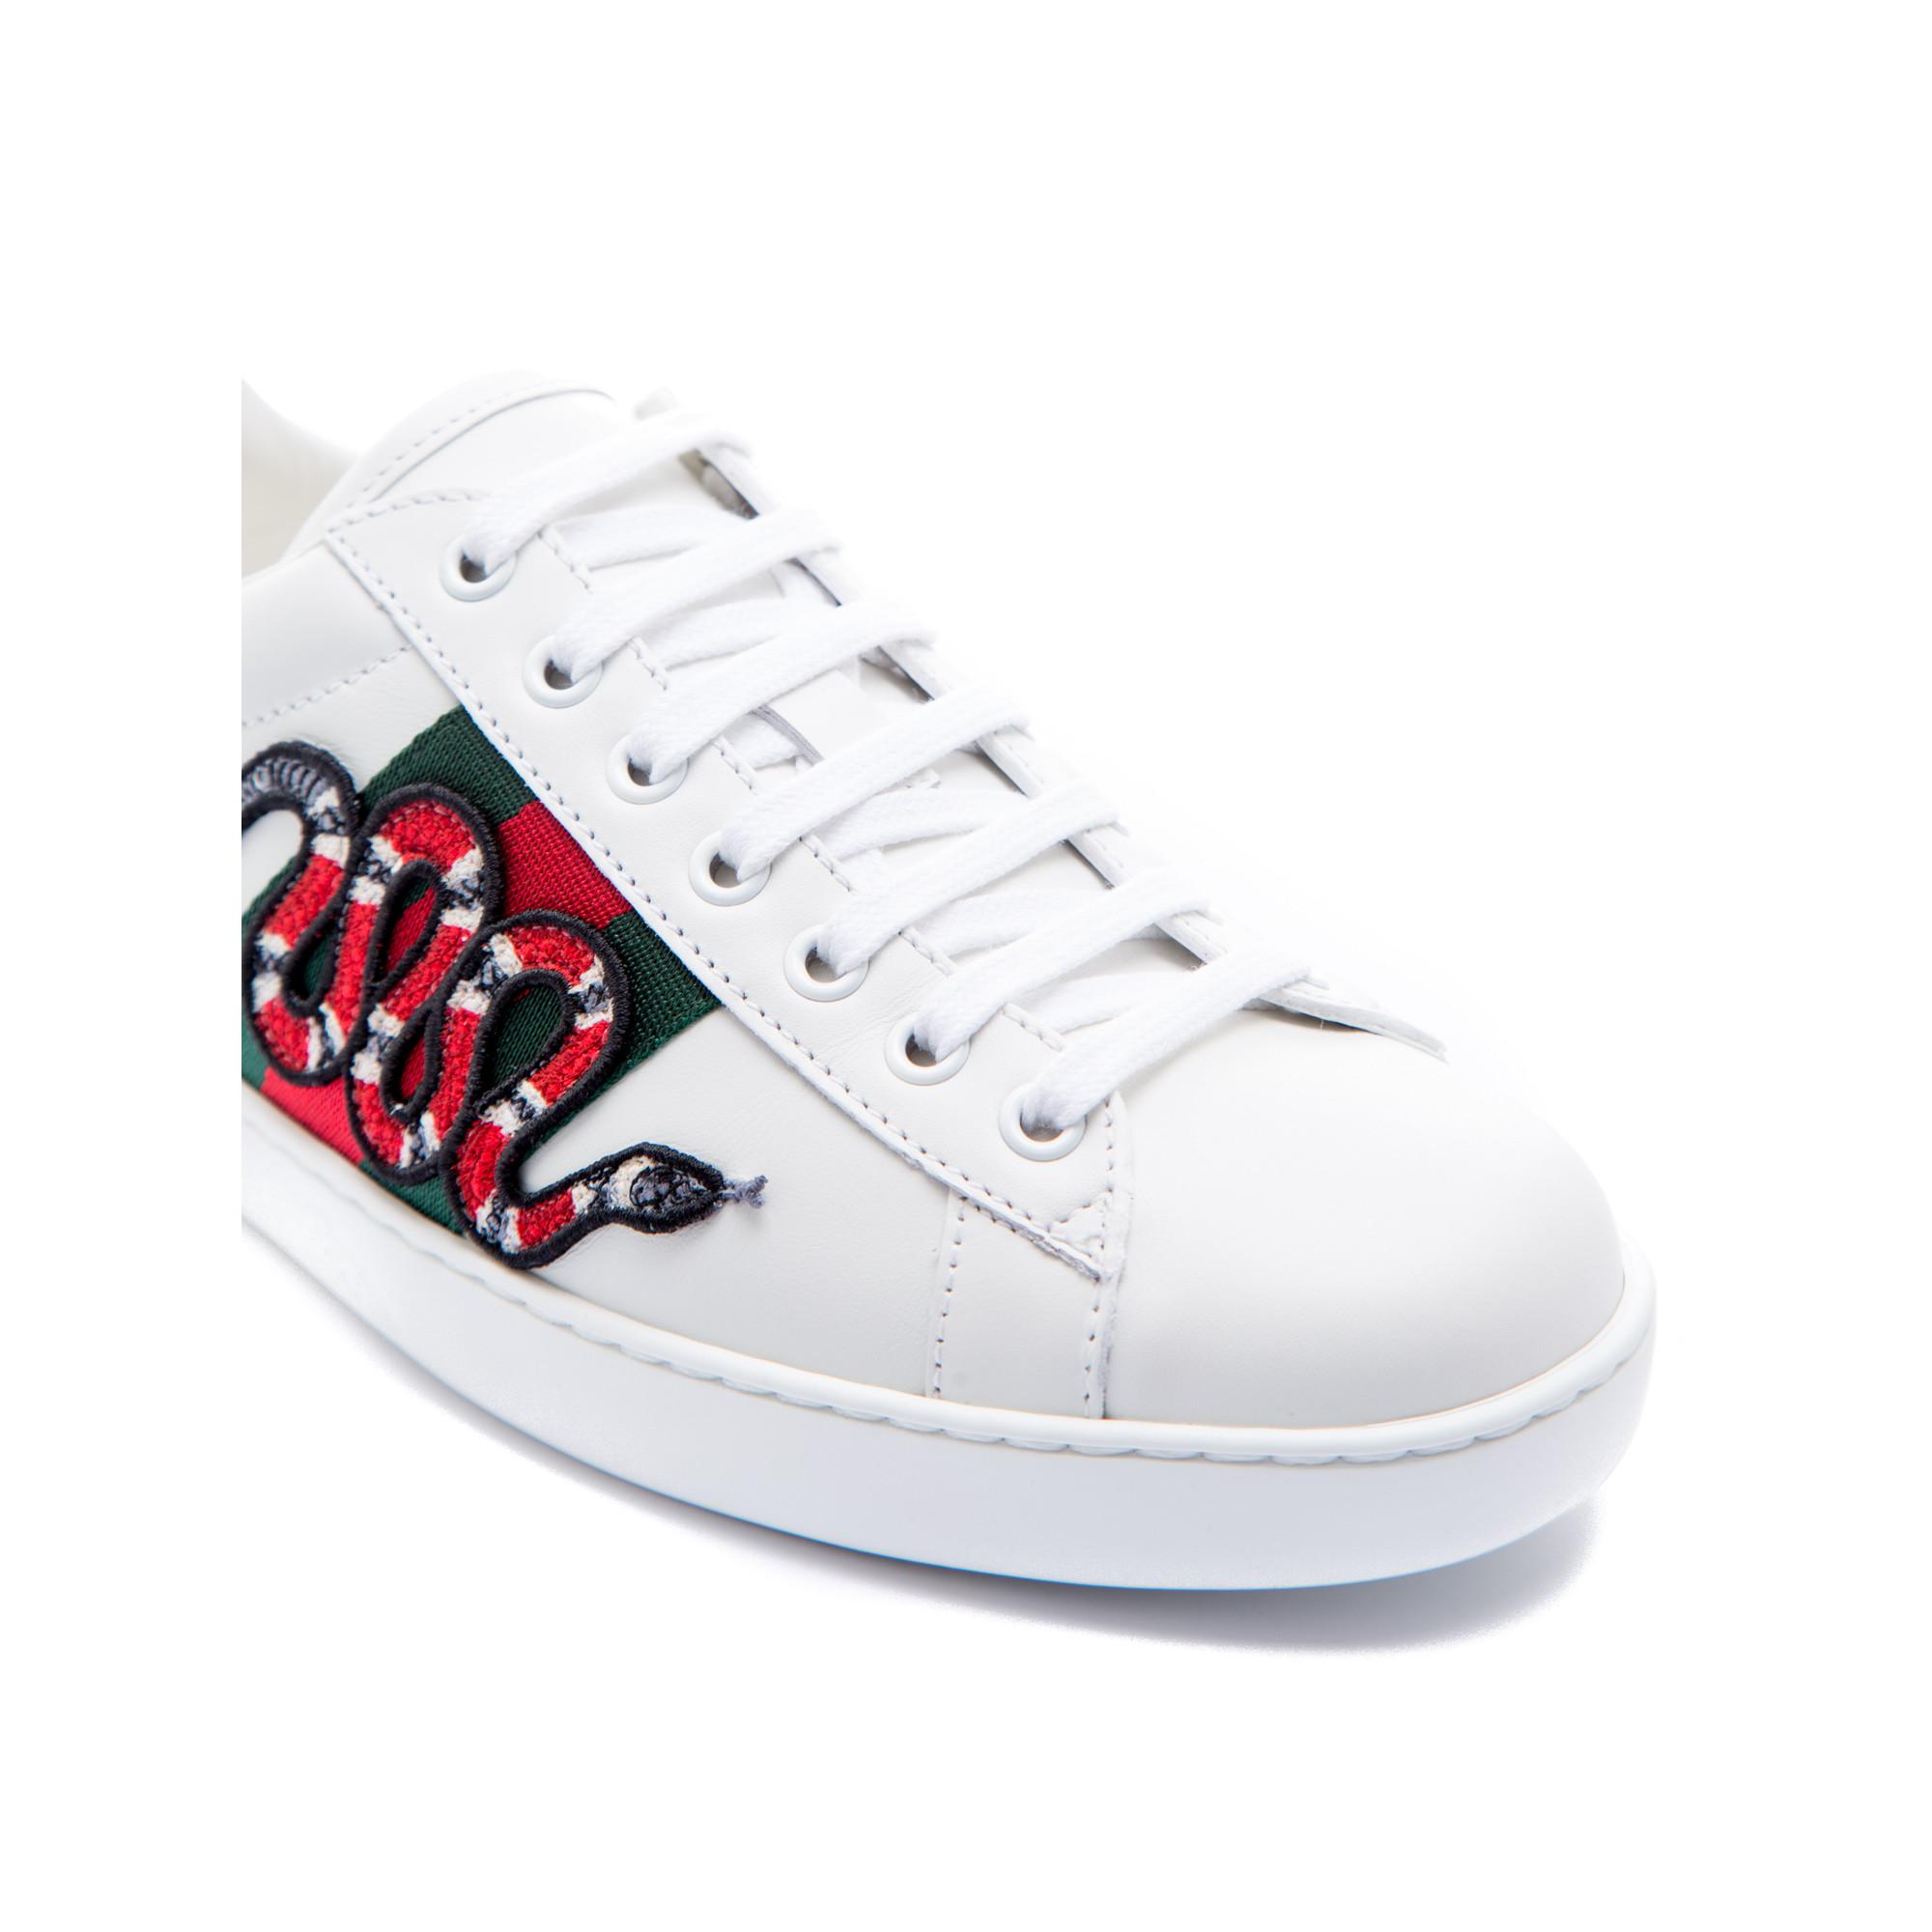 3c11a3f9bc9d ... Gucci sport shoes Gucci sport shoes - www.derodeloper.com - Derodeloper .com